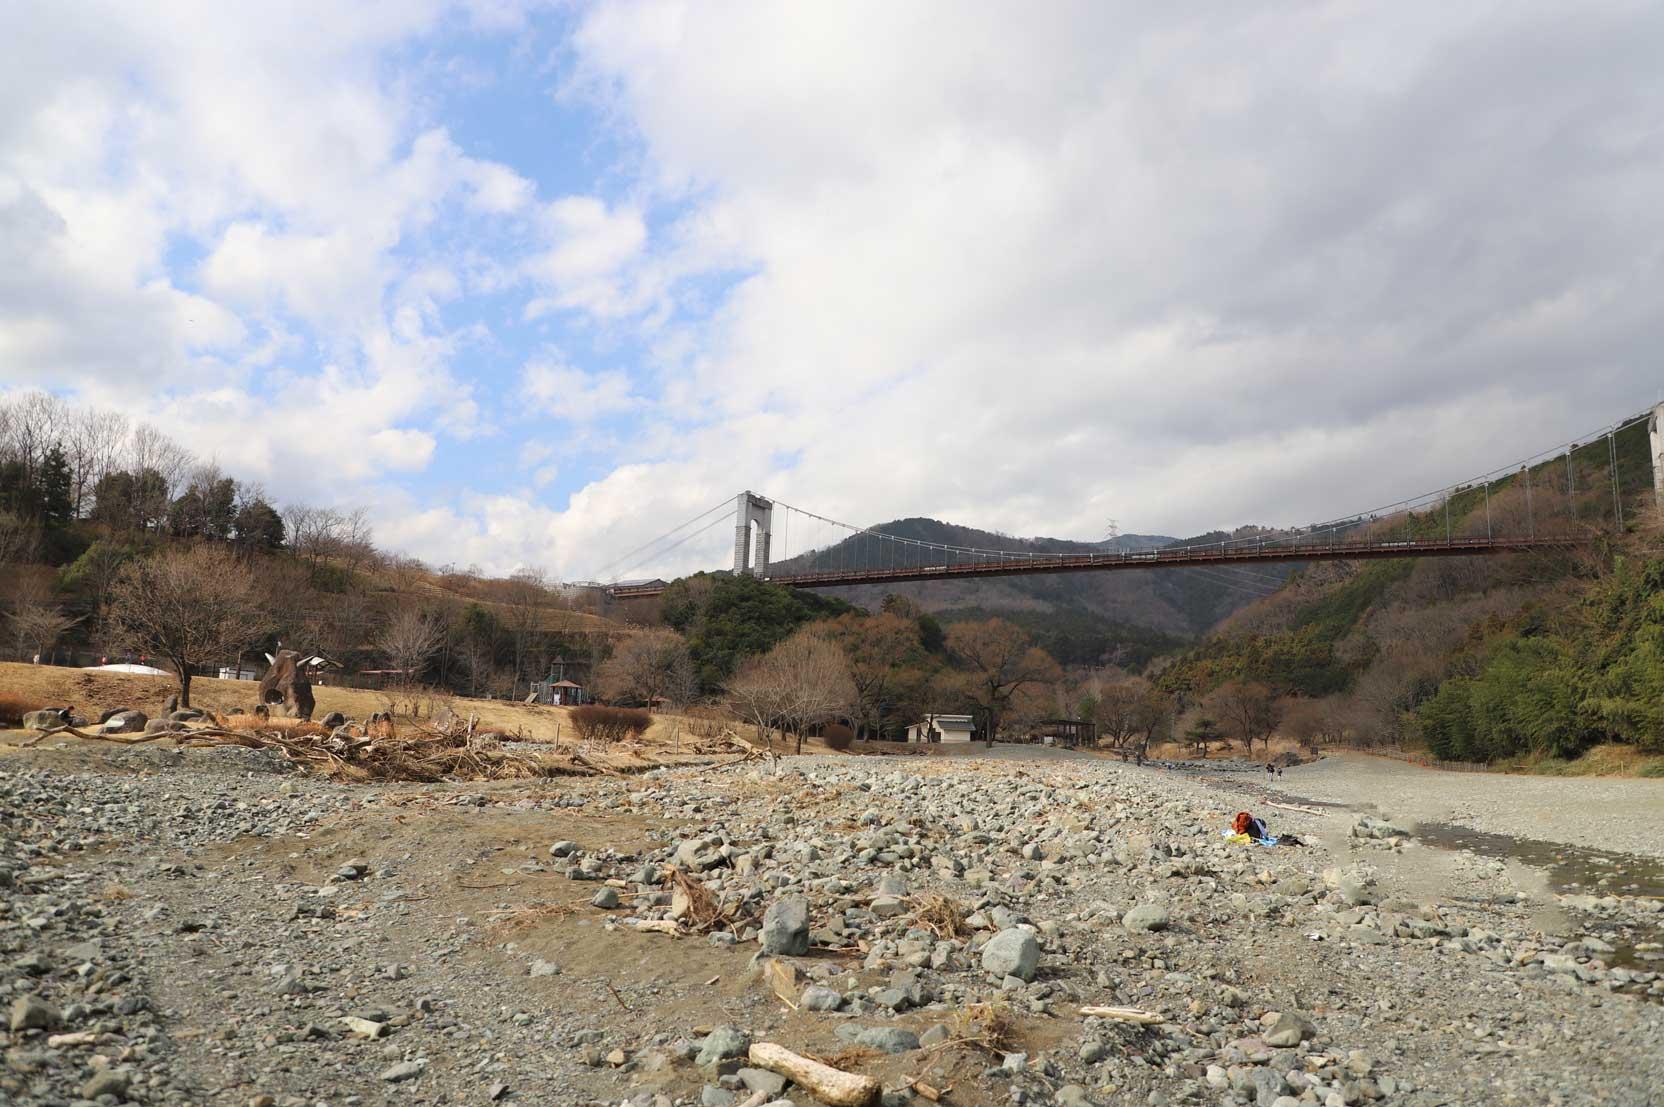 県立秦野戸川公園の水遊びができる水無川